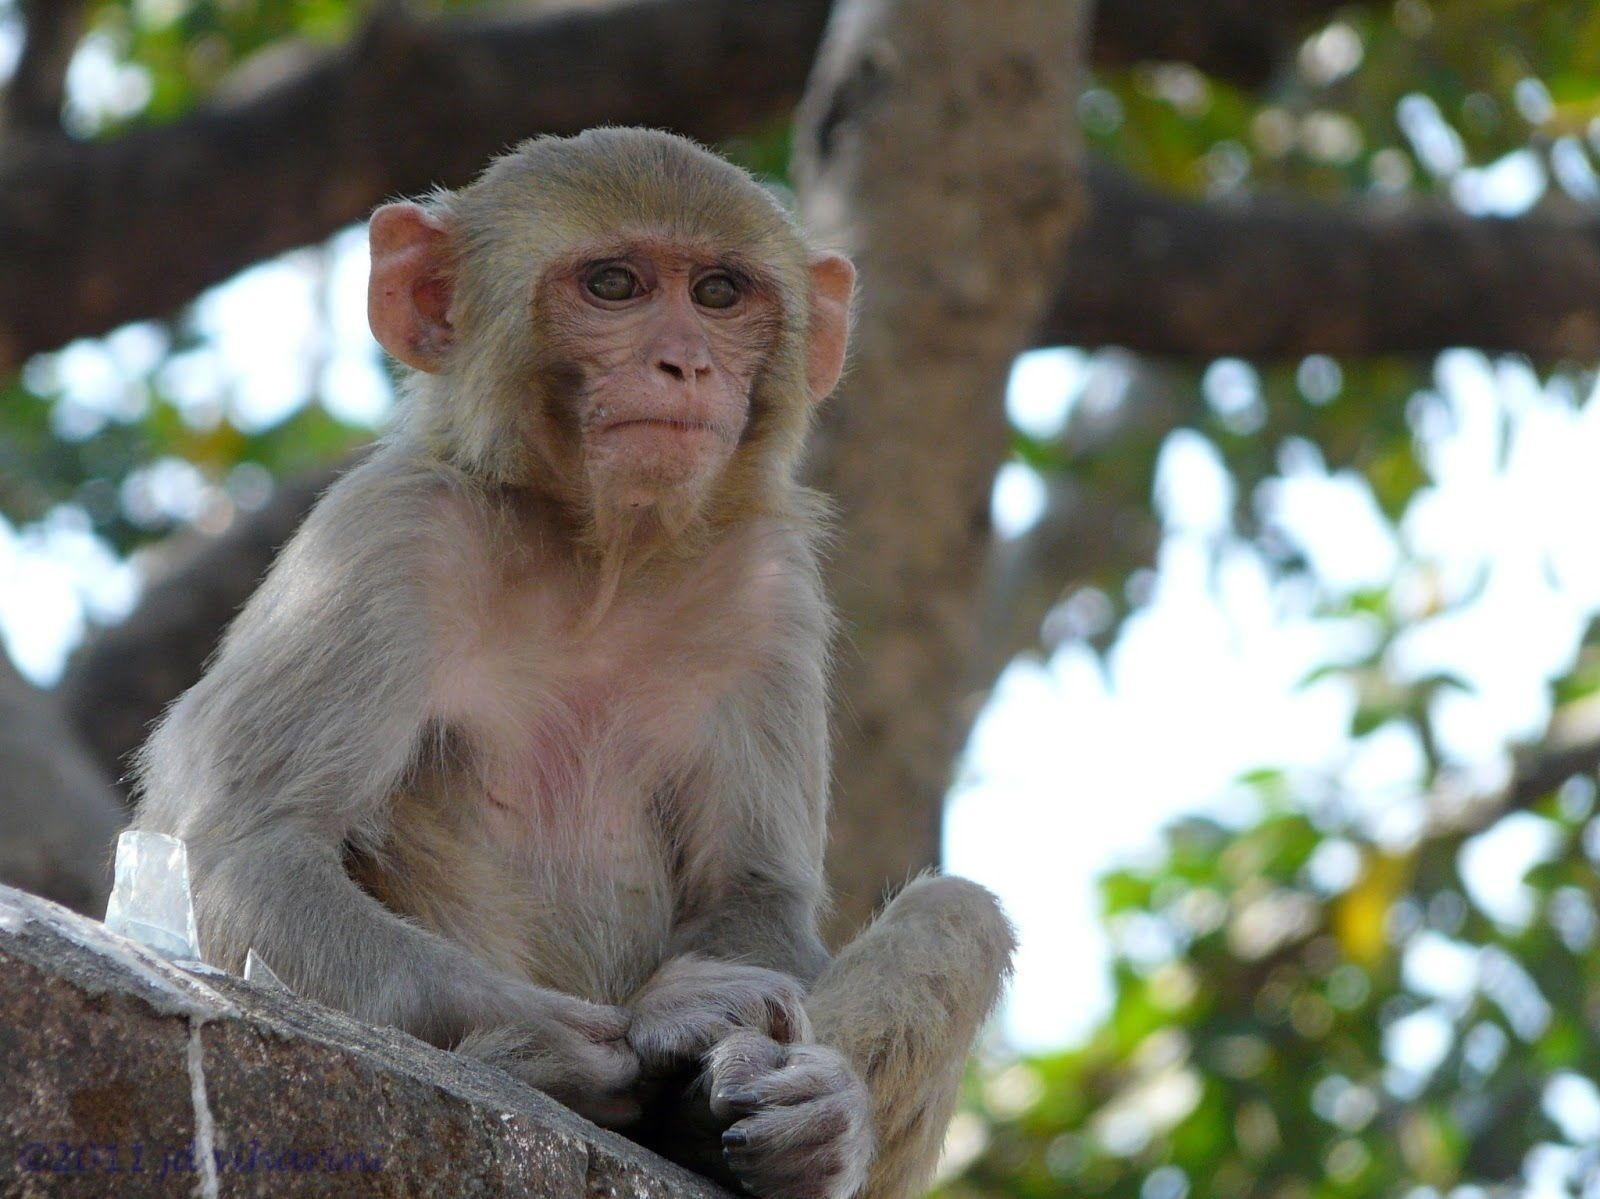 Indian Monkey Images